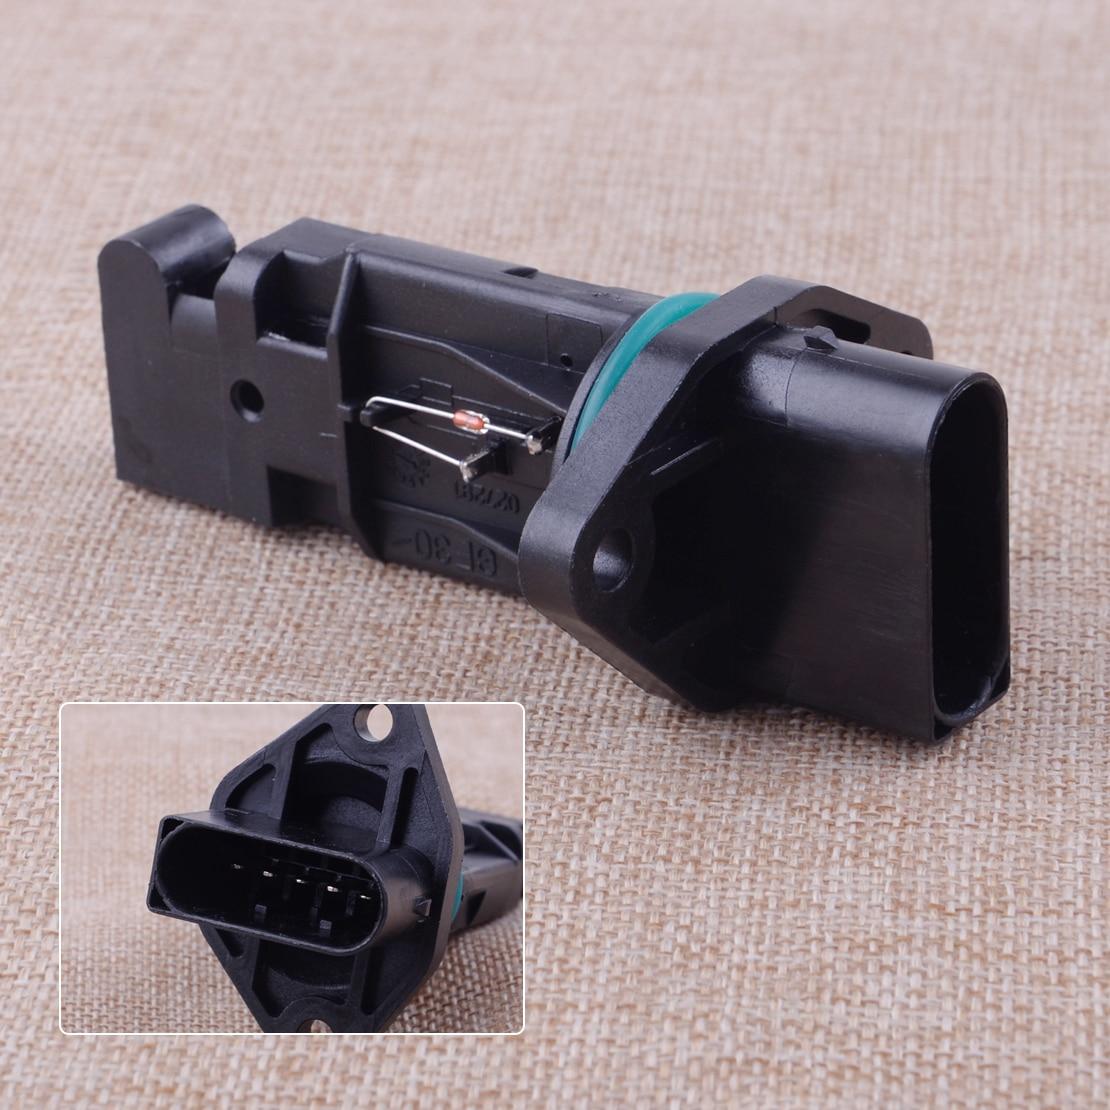 0280217007 negro MAF de masa de flujo de aire Sensor del medidor de Porsche 911 Porsche Boxster 996 986, 2,5, 1997, 1998, 1999, 2000, 2001, 2002, 2003, 2004